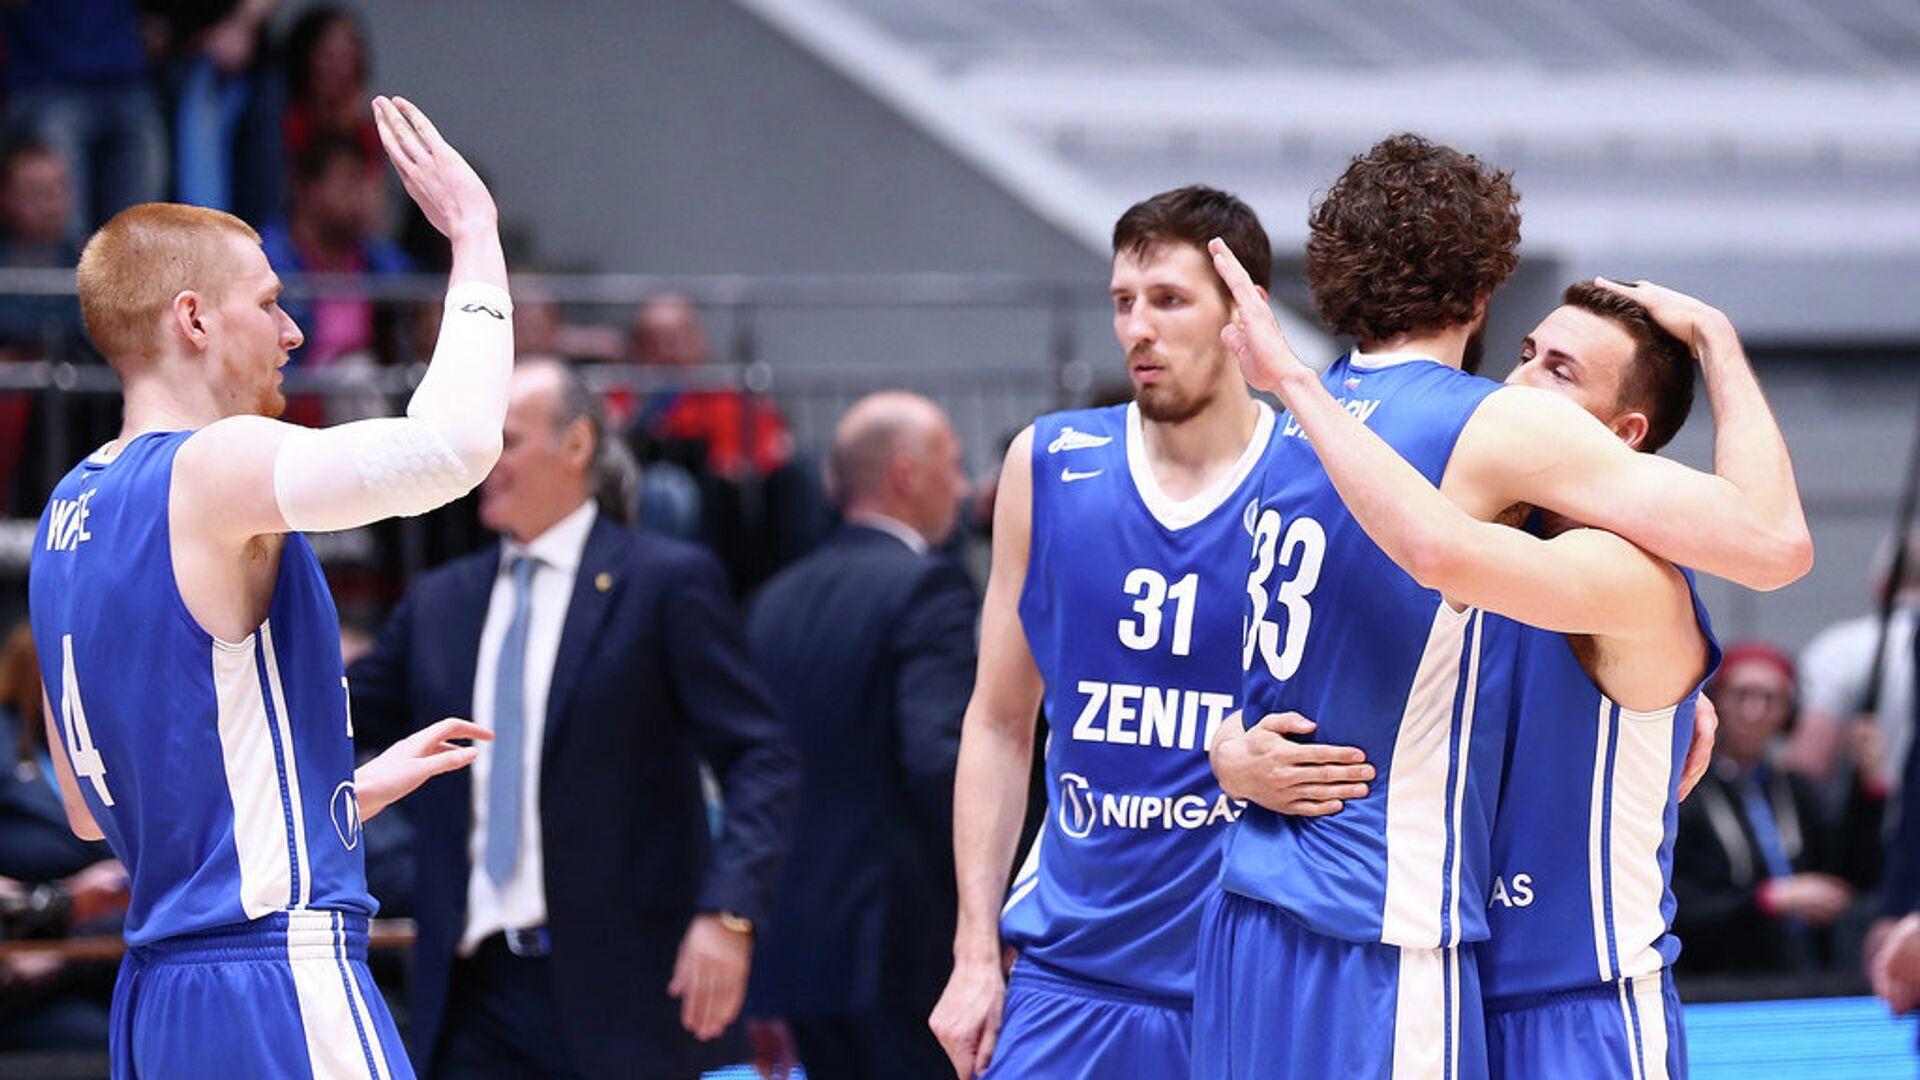 Баскетболисты Зенита радуются победе над Химками - РИА Новости, 1920, 04.09.2021